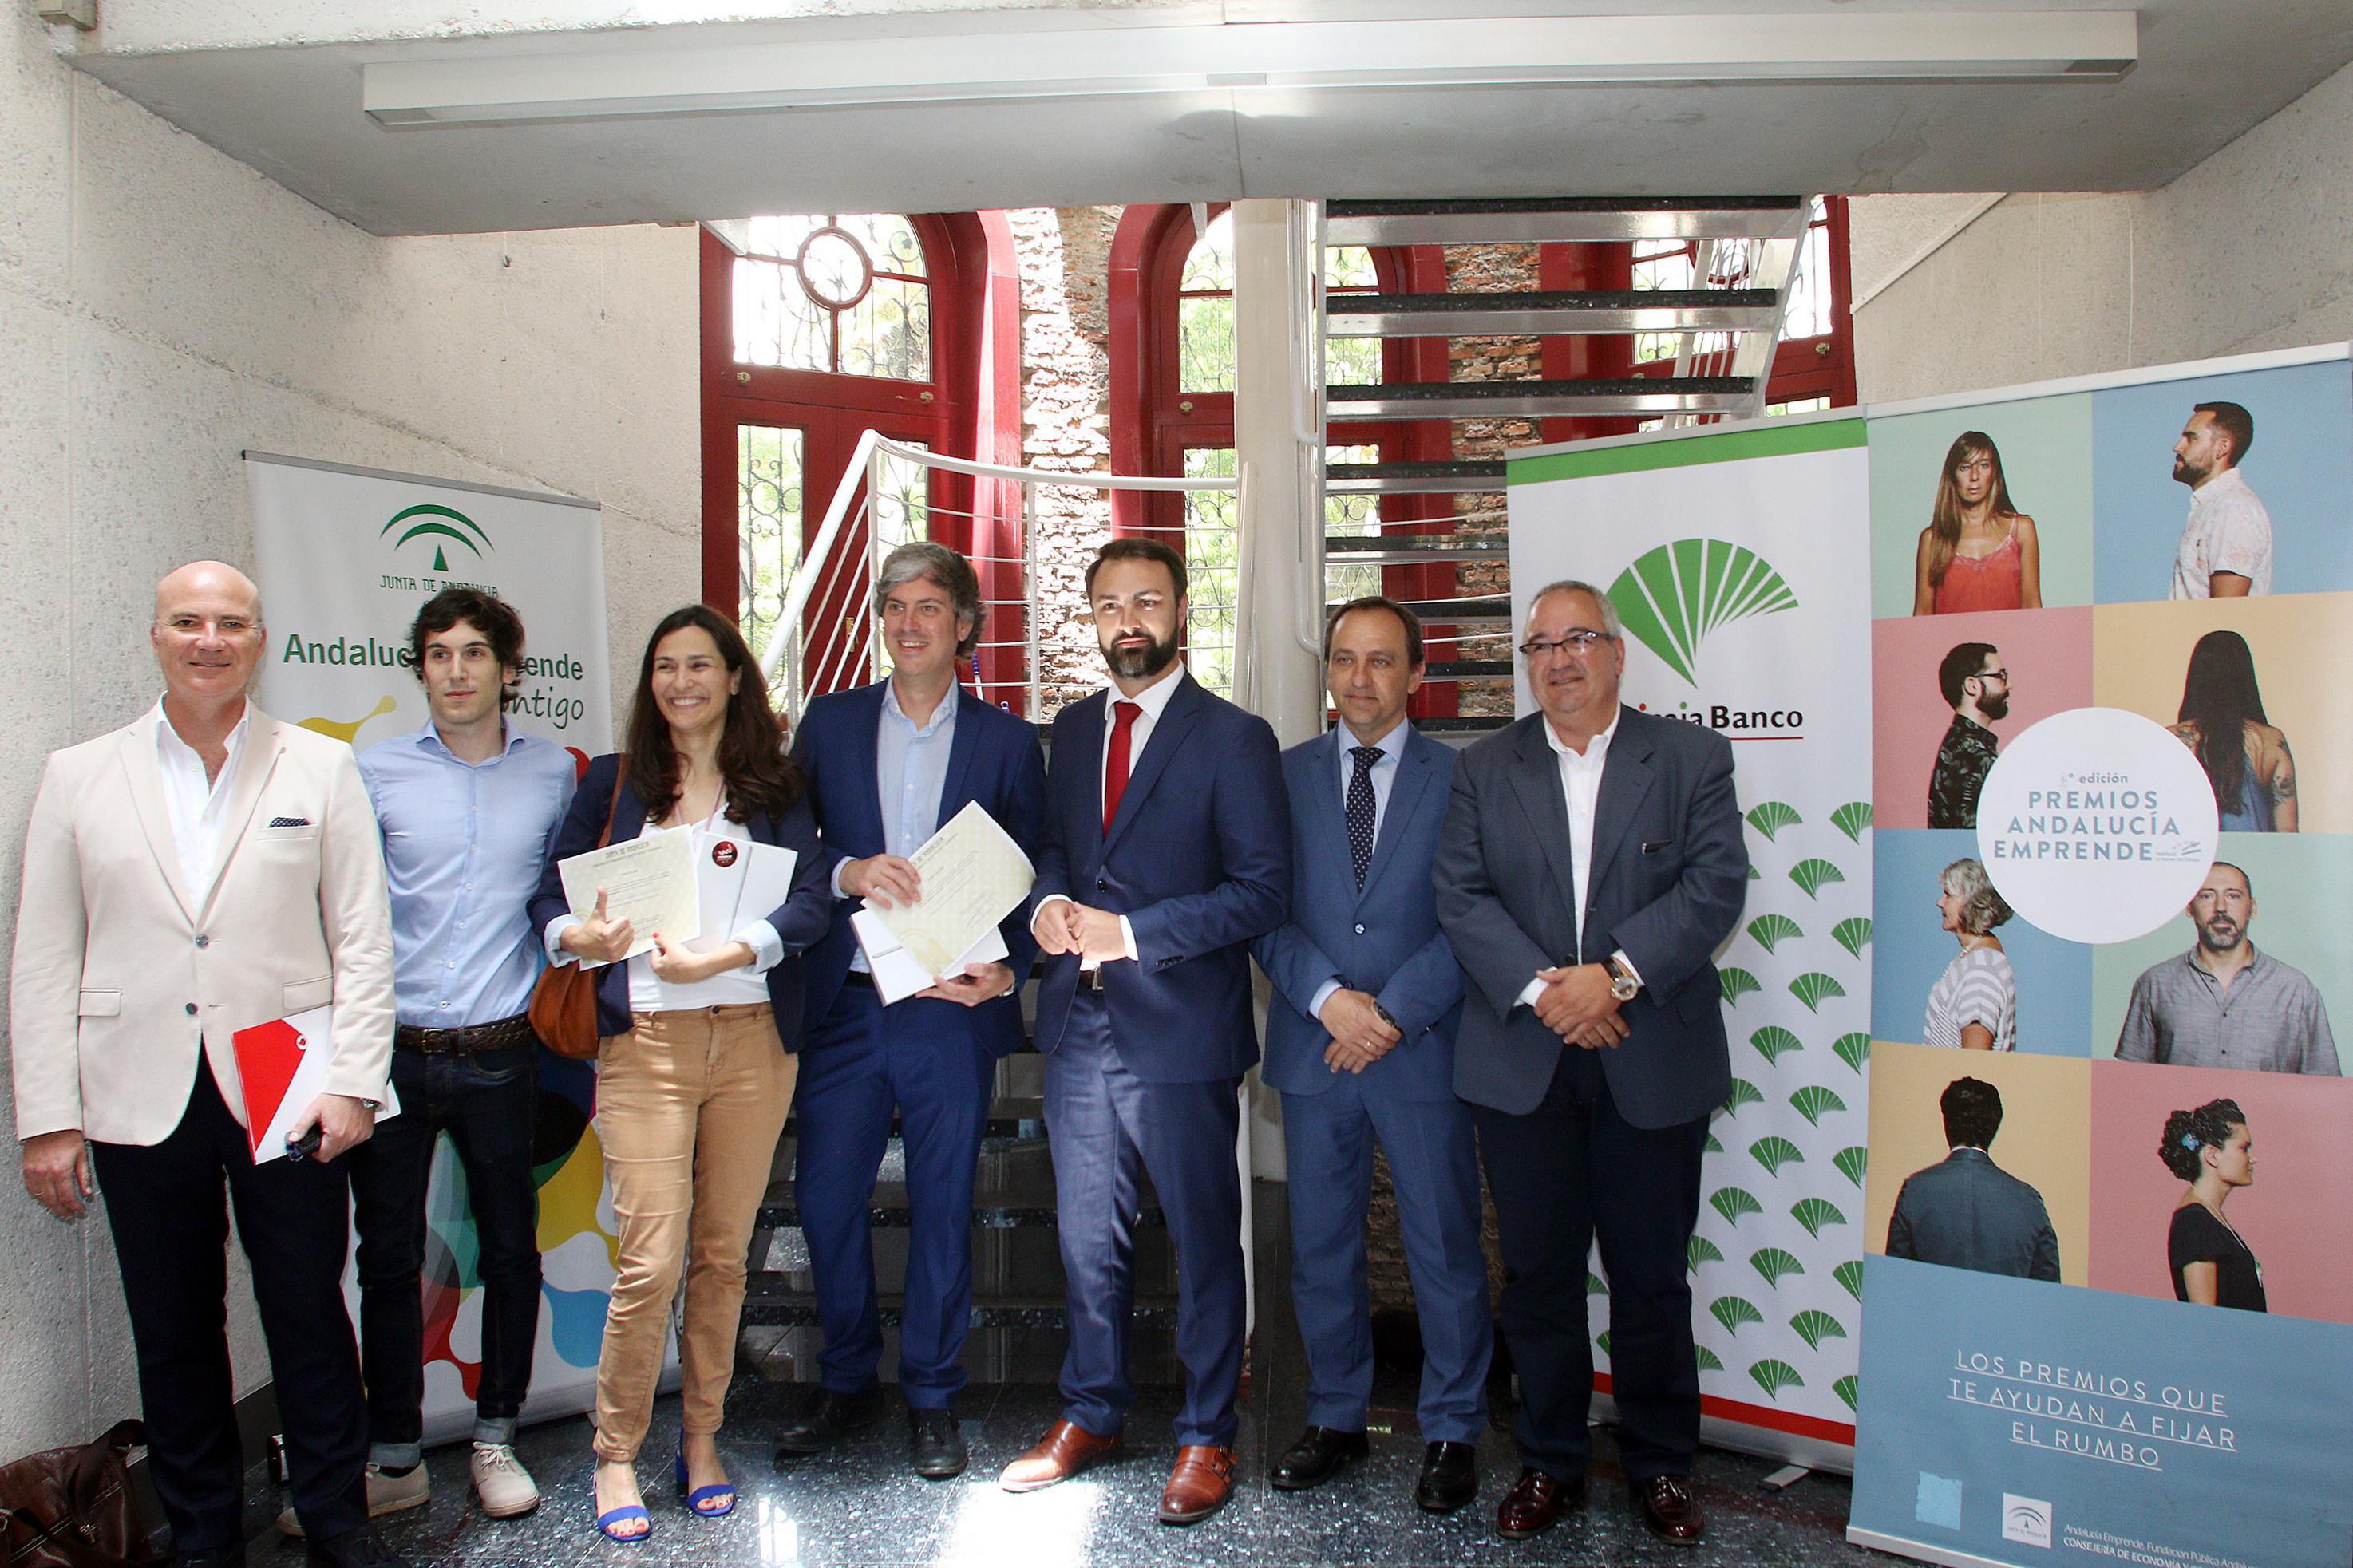 Unicaja Banco respalda los Premios Andalucía Emprende que se entregan a las empresas ganadoras de la provincia de Málaga